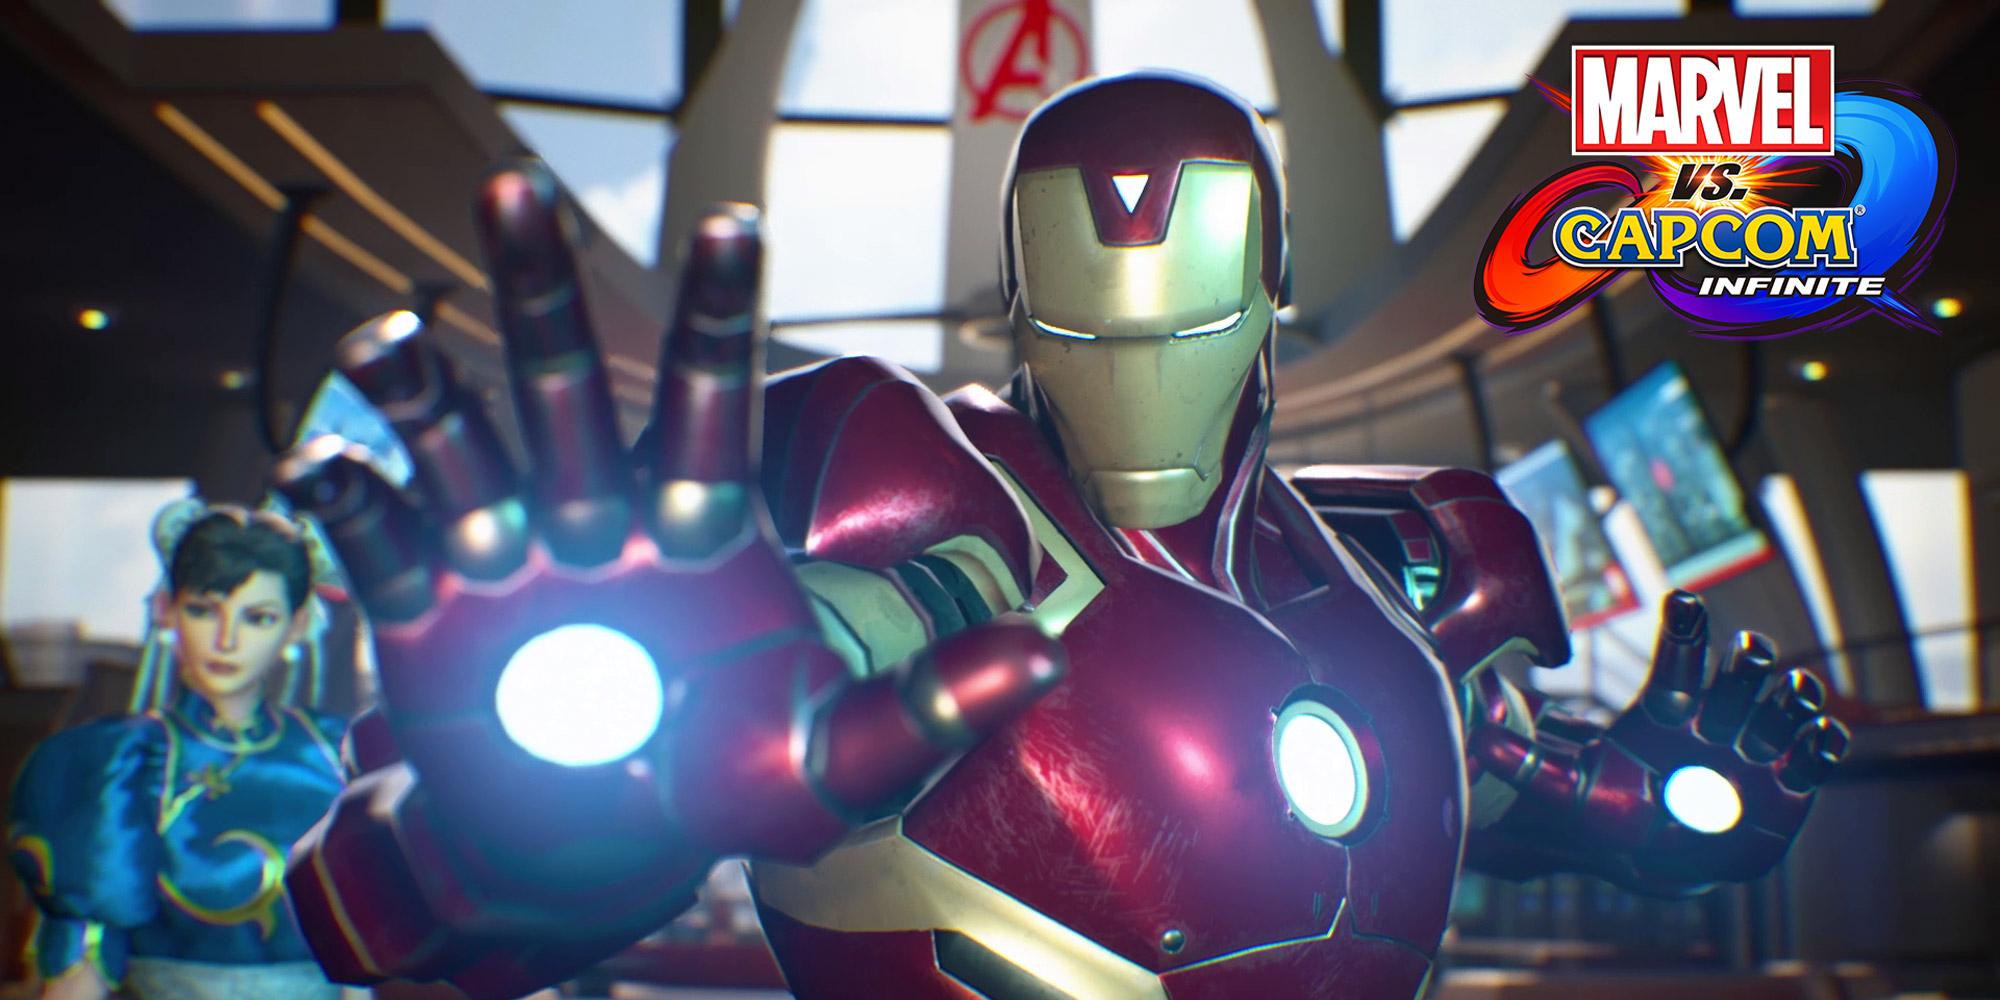 Nouveau trailer pour Marvel vs. Capcom: Infinite